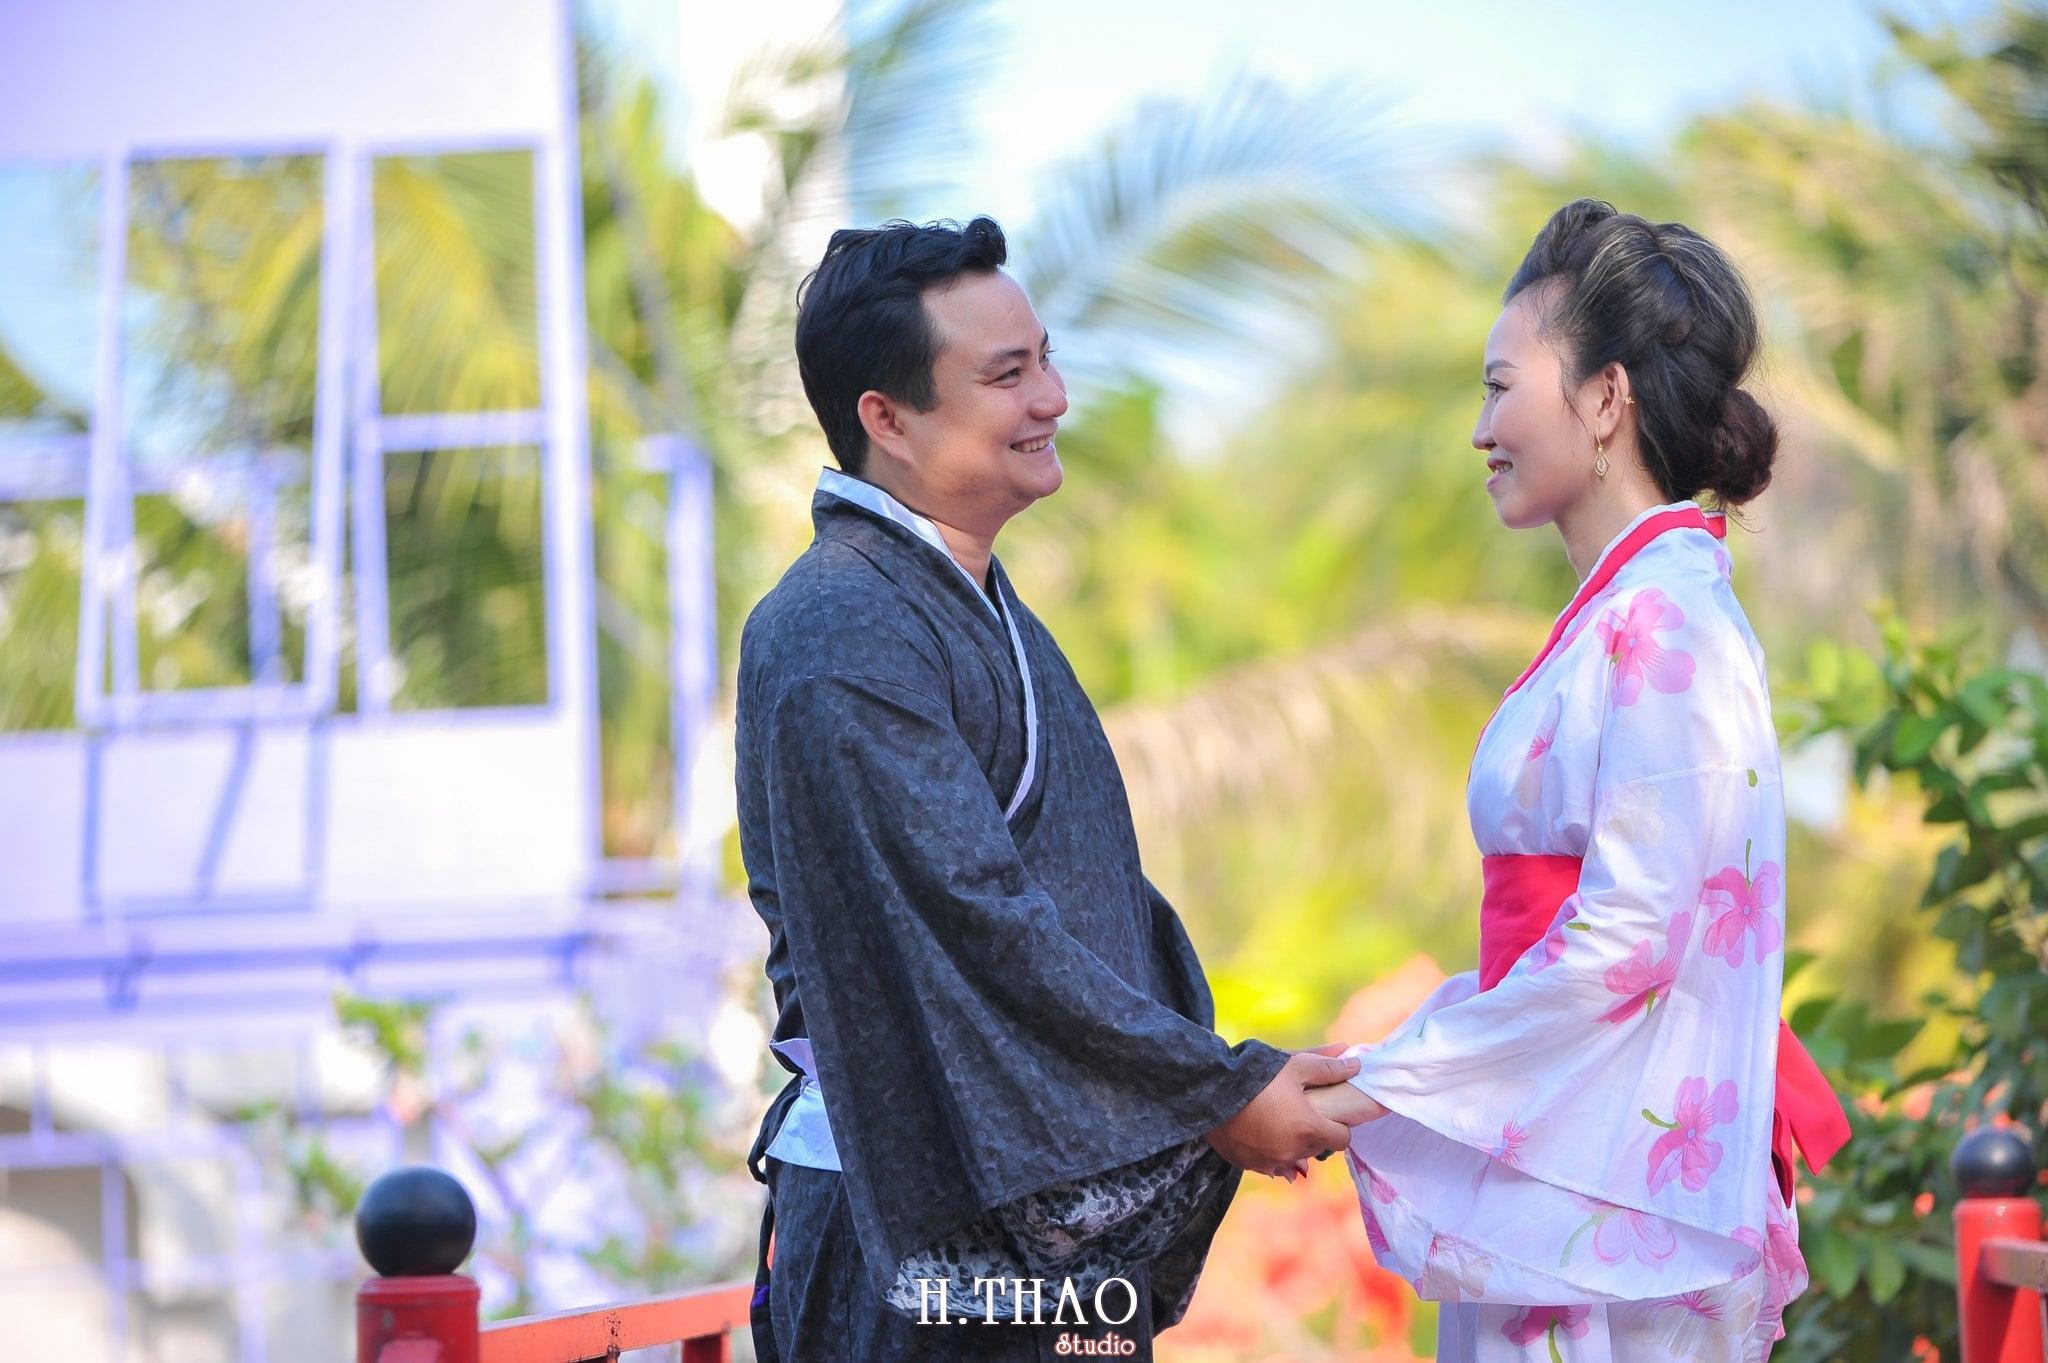 Anh chup voi Kimono 15 - Bộ ảnh couple chụp với Kimono theo phong cách Nhật Bản